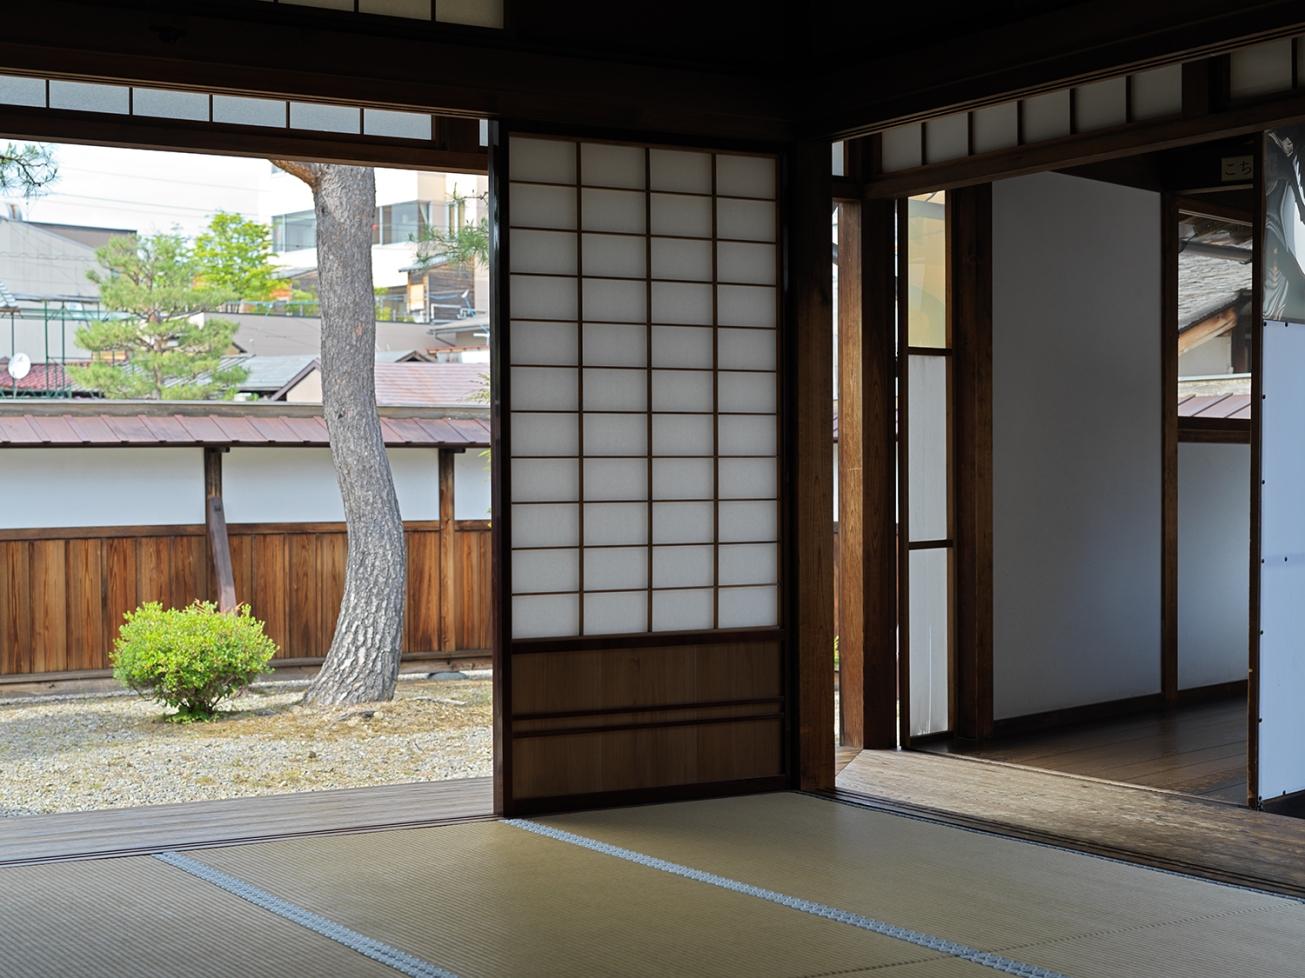 takayama_01_0020